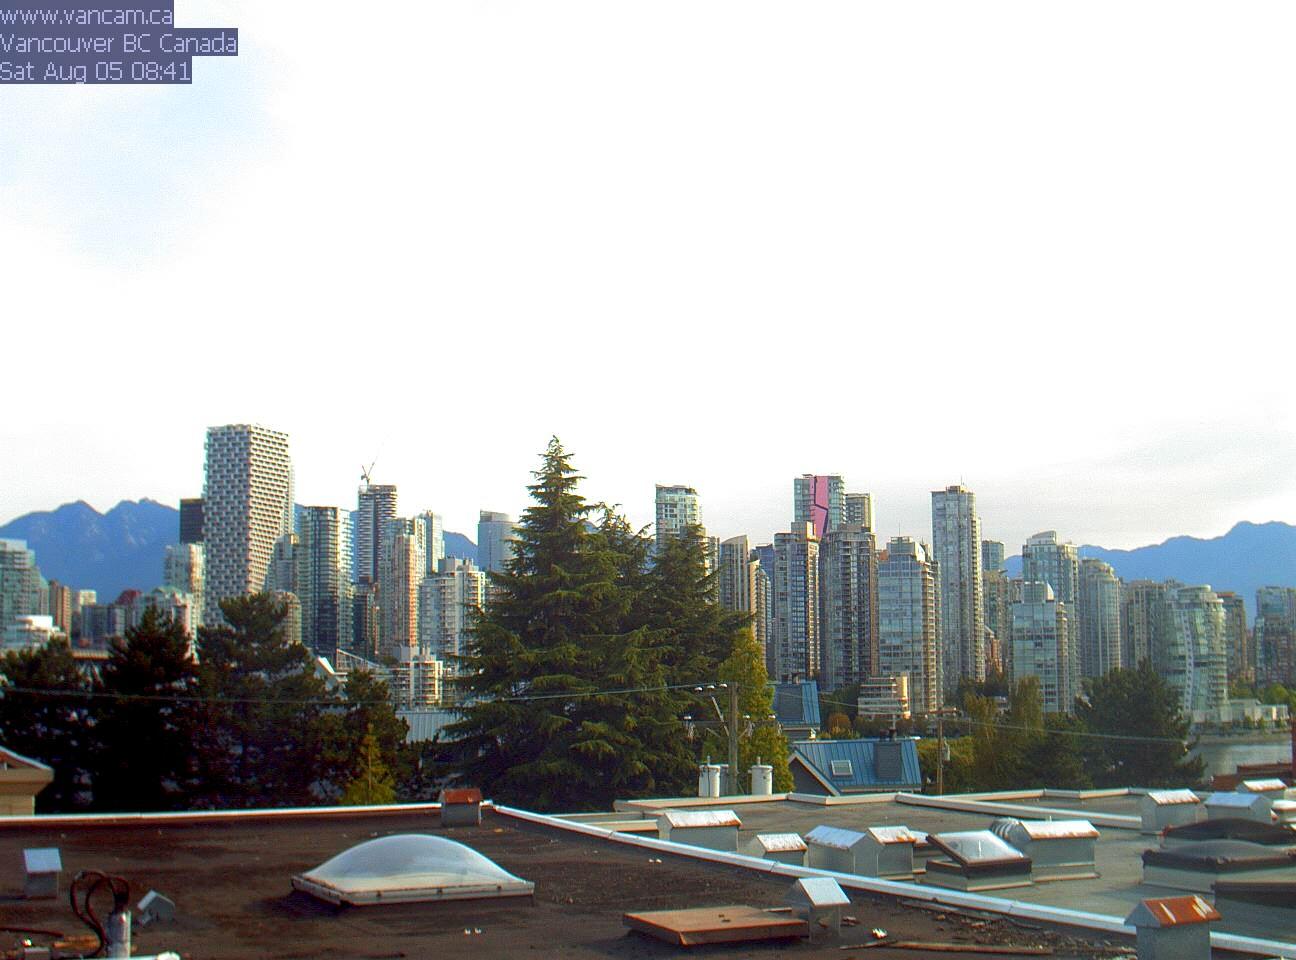 Vancouver Sa. 08:45